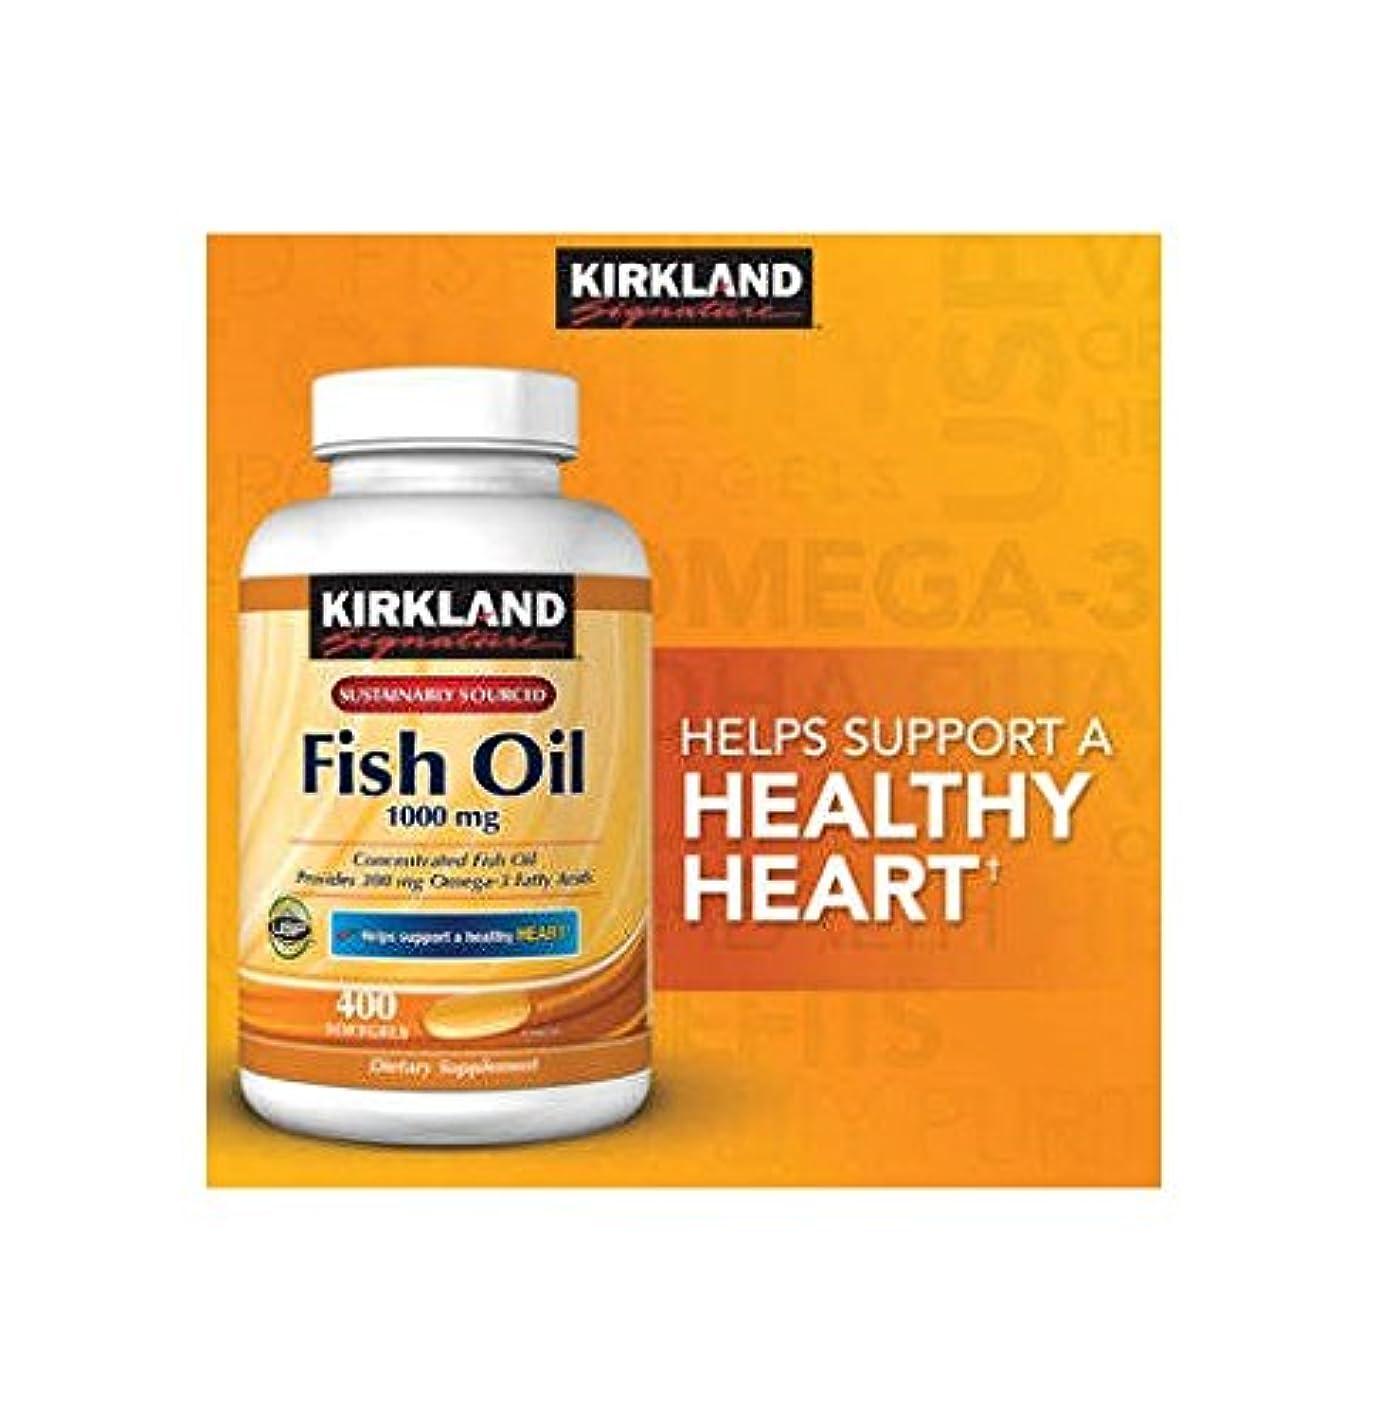 メタン栄養お父さんKirkland Signature Omega-3 Fish Oil Concentrate, 400 Softgels, 1000 mg Fish Oil with 30% Omega-3s (300 mg) 1200...